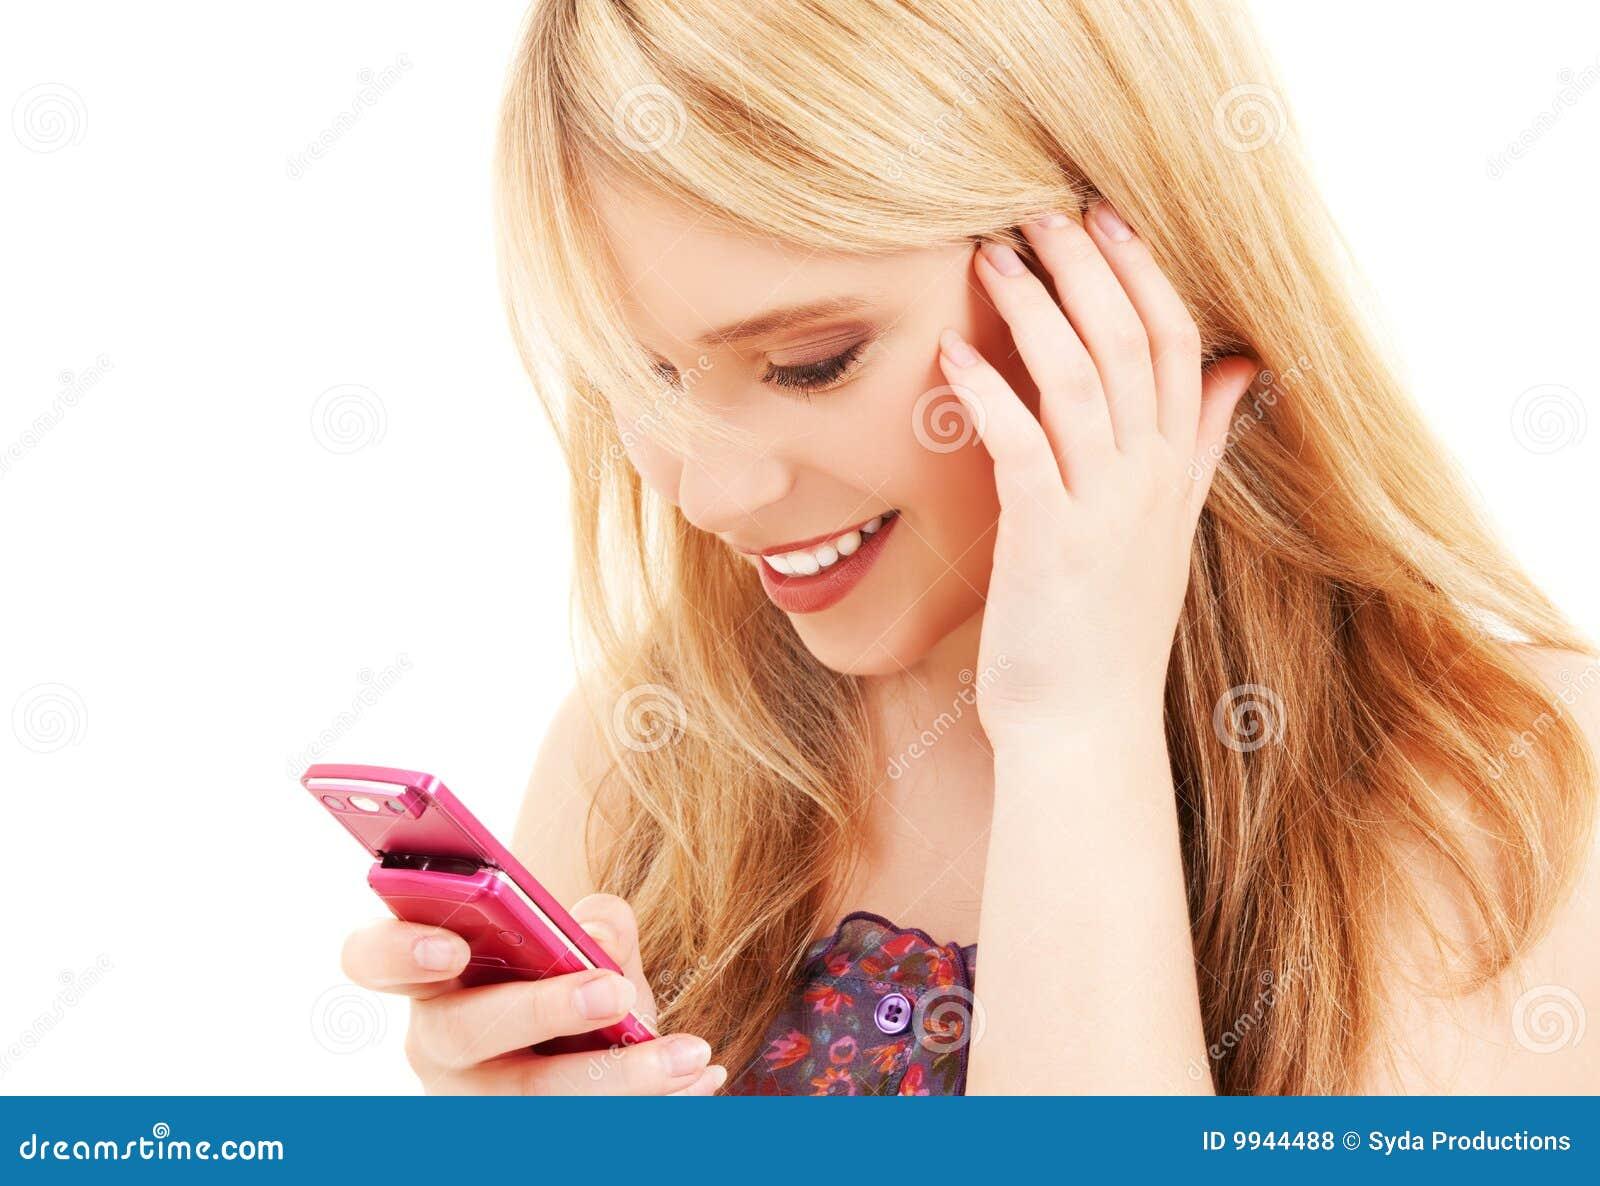 Девушка читающая смс фото